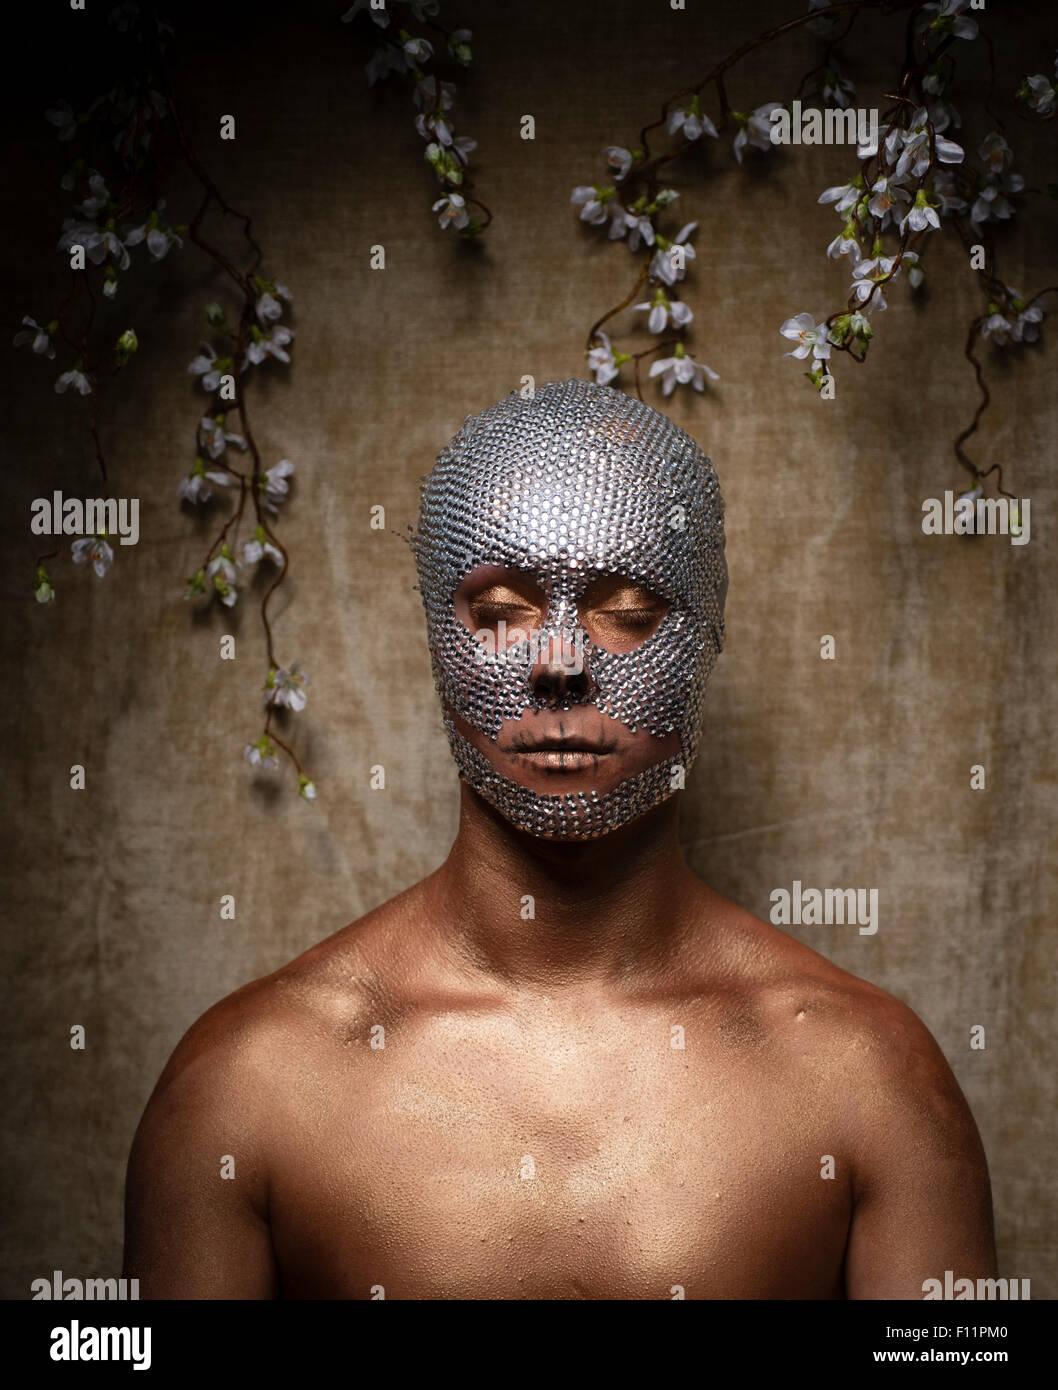 'Day dei morti' tema ritratto - un giovane uomo con cristallo di paillettes incollato al suo volto e con Immagini Stock